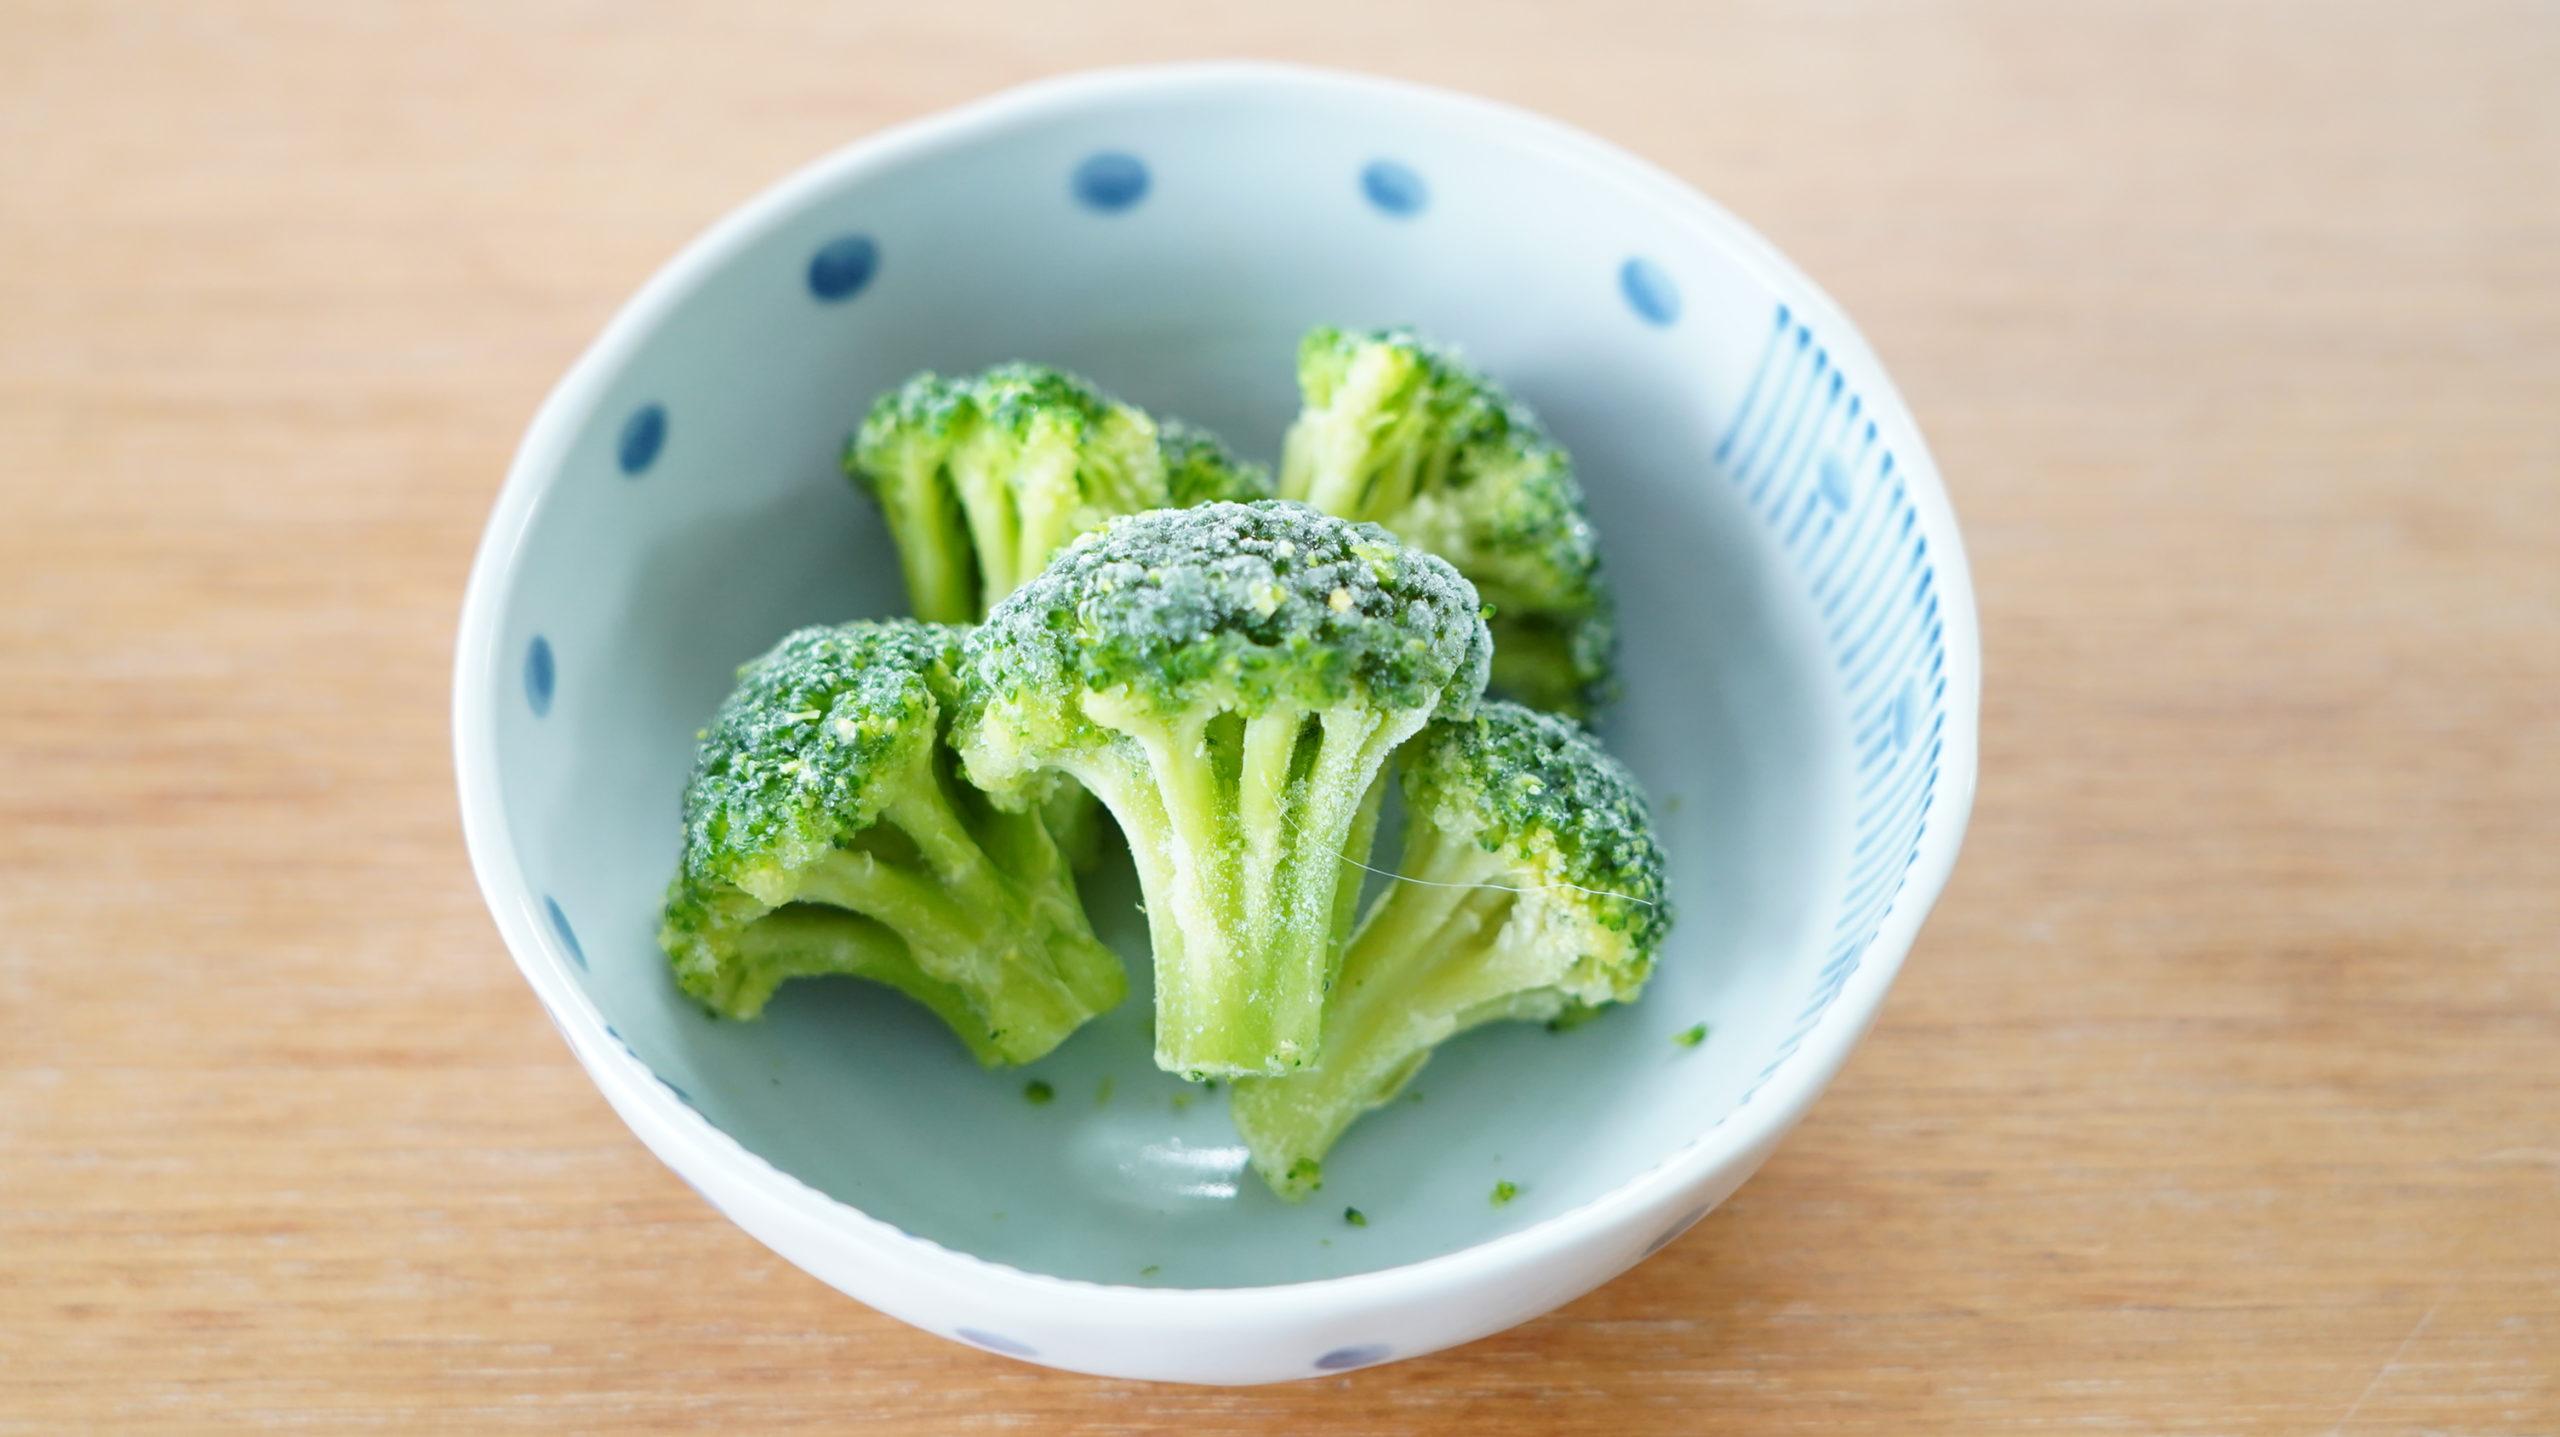 セブンイレブンのおすすめ冷凍食品「ブロッコリー」の中身の写真